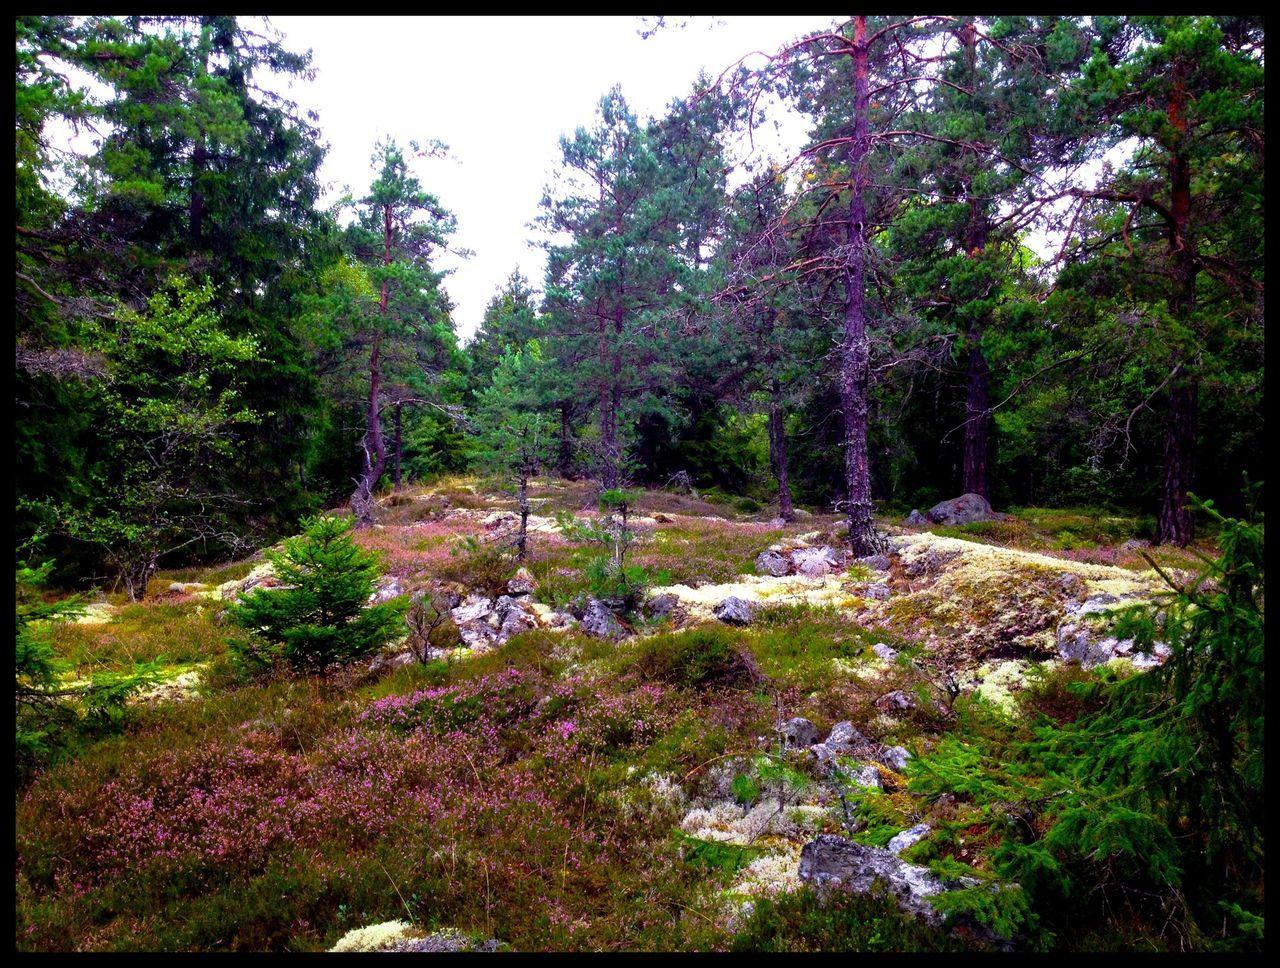 Nature Summer ☀ Sweden Scenery